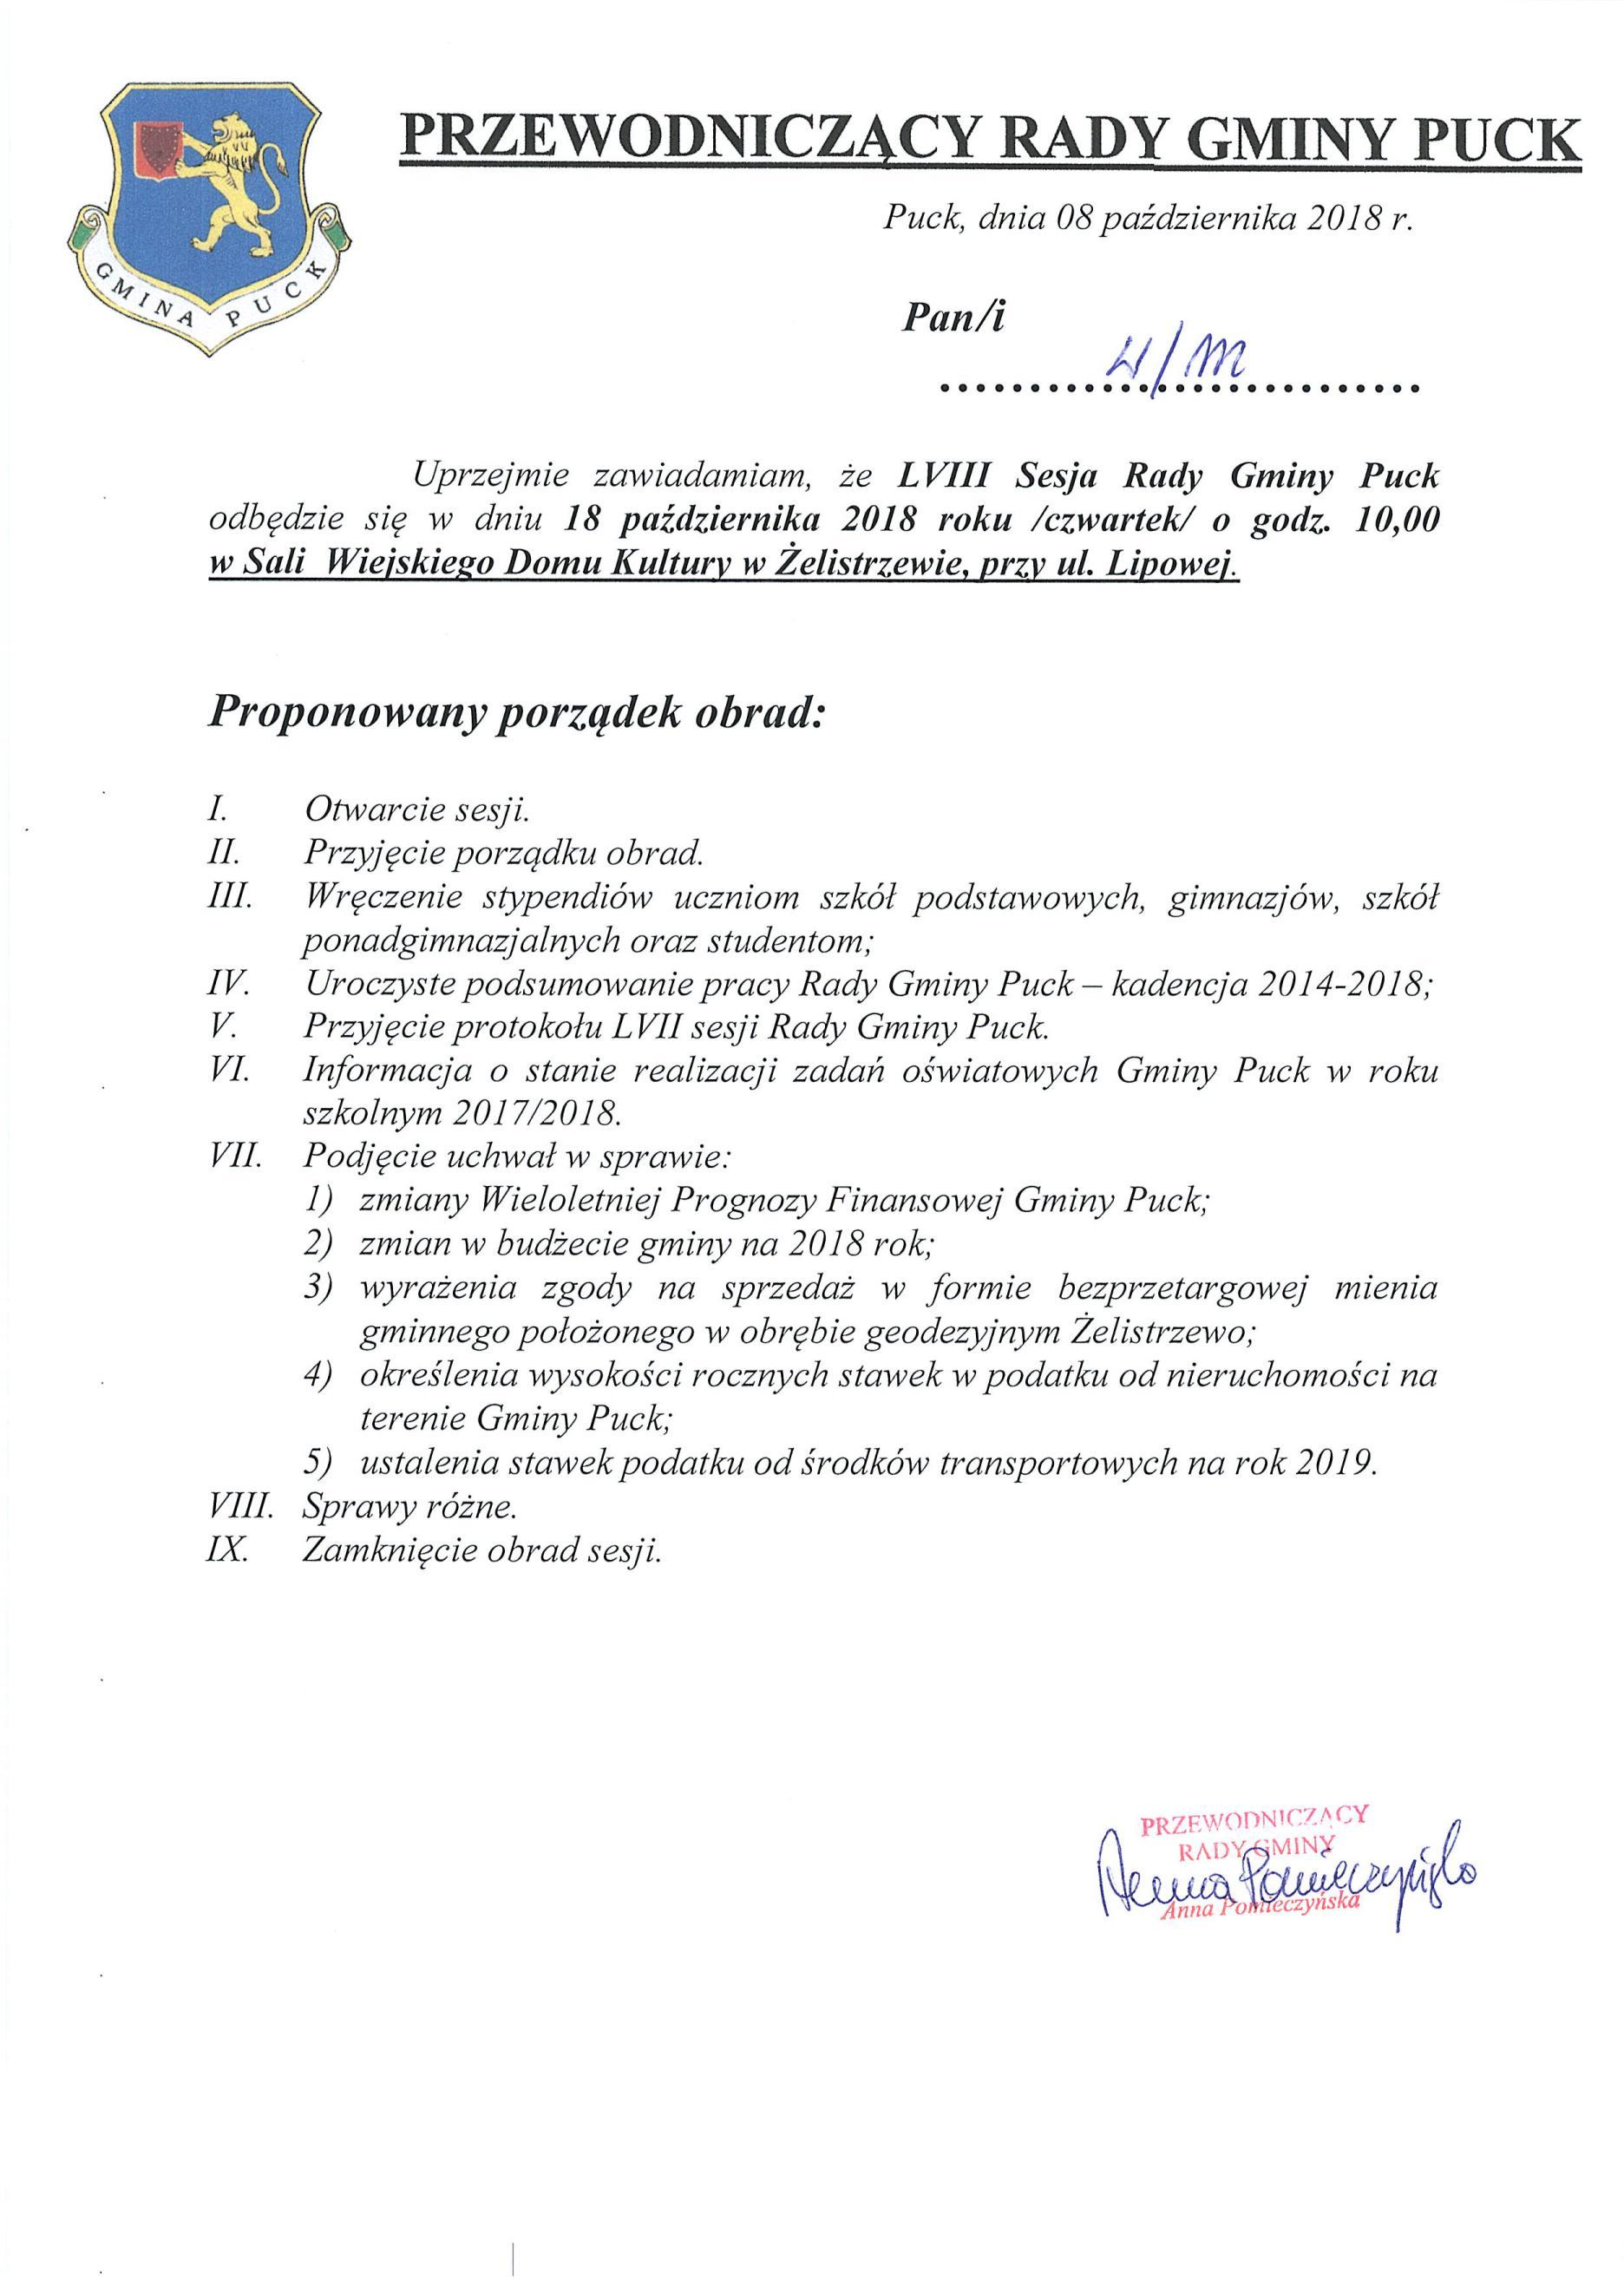 Proponowany porządek obrad LVIII sesji Rady Gminy Puck w dniu 18 października 2018 r._01